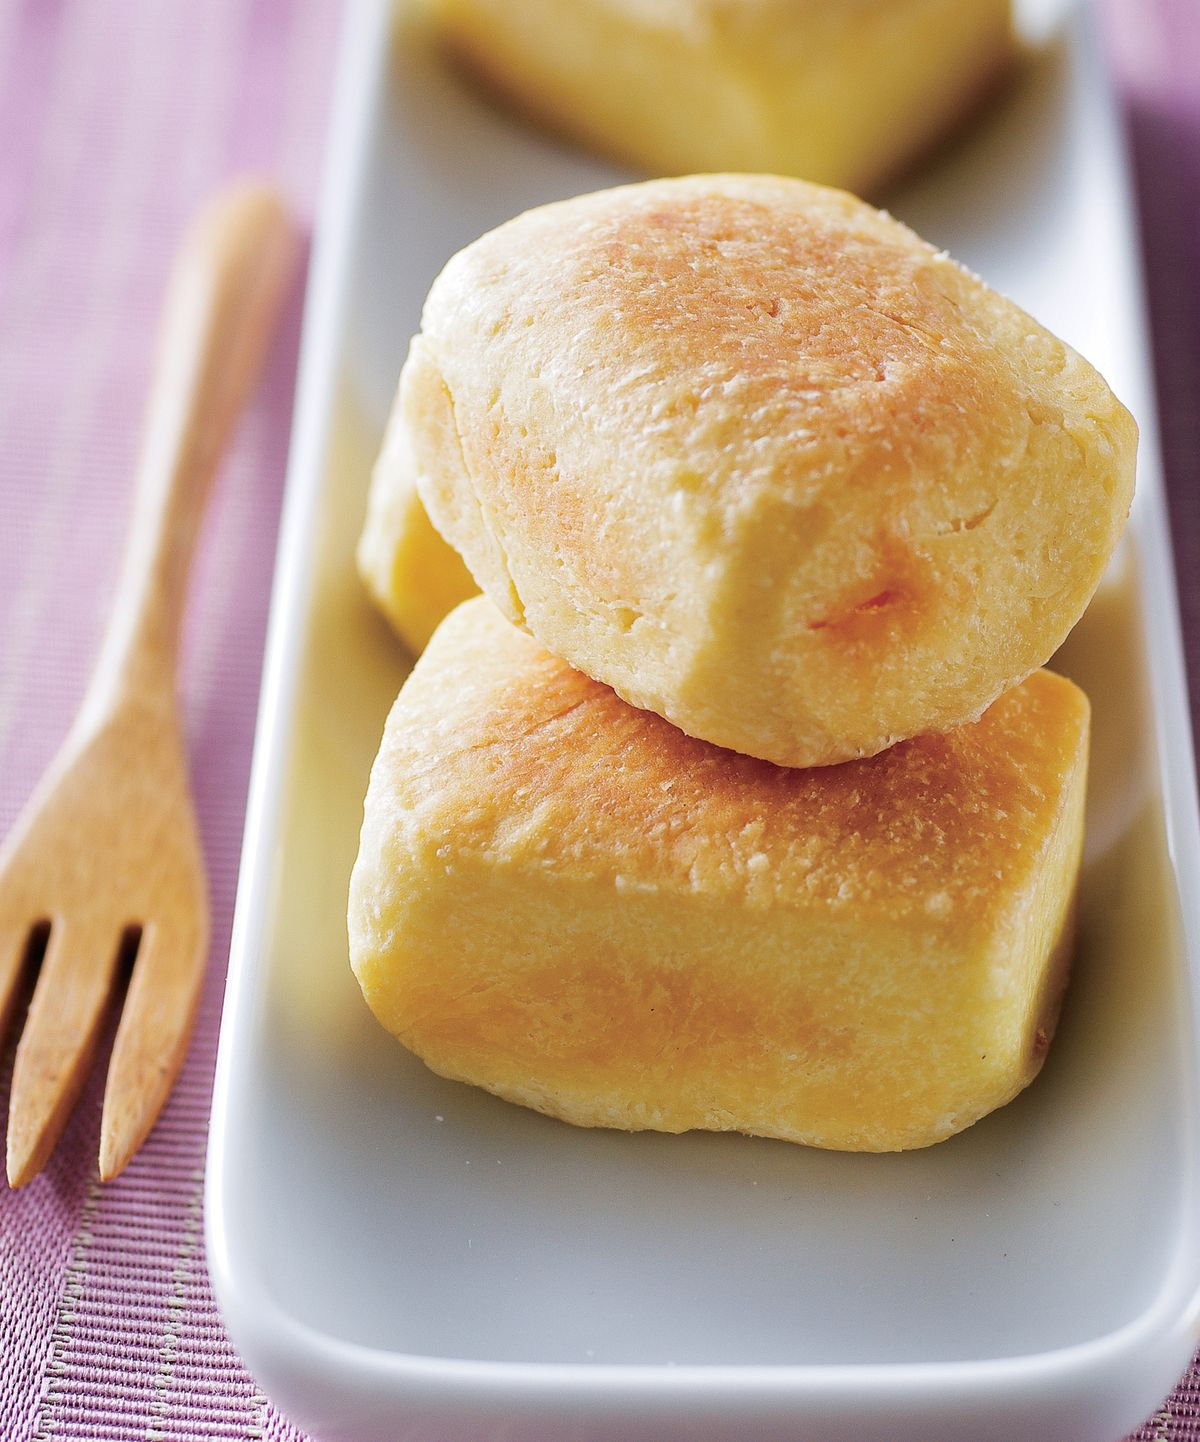 食譜:鳳梨酥-脆皮的製作